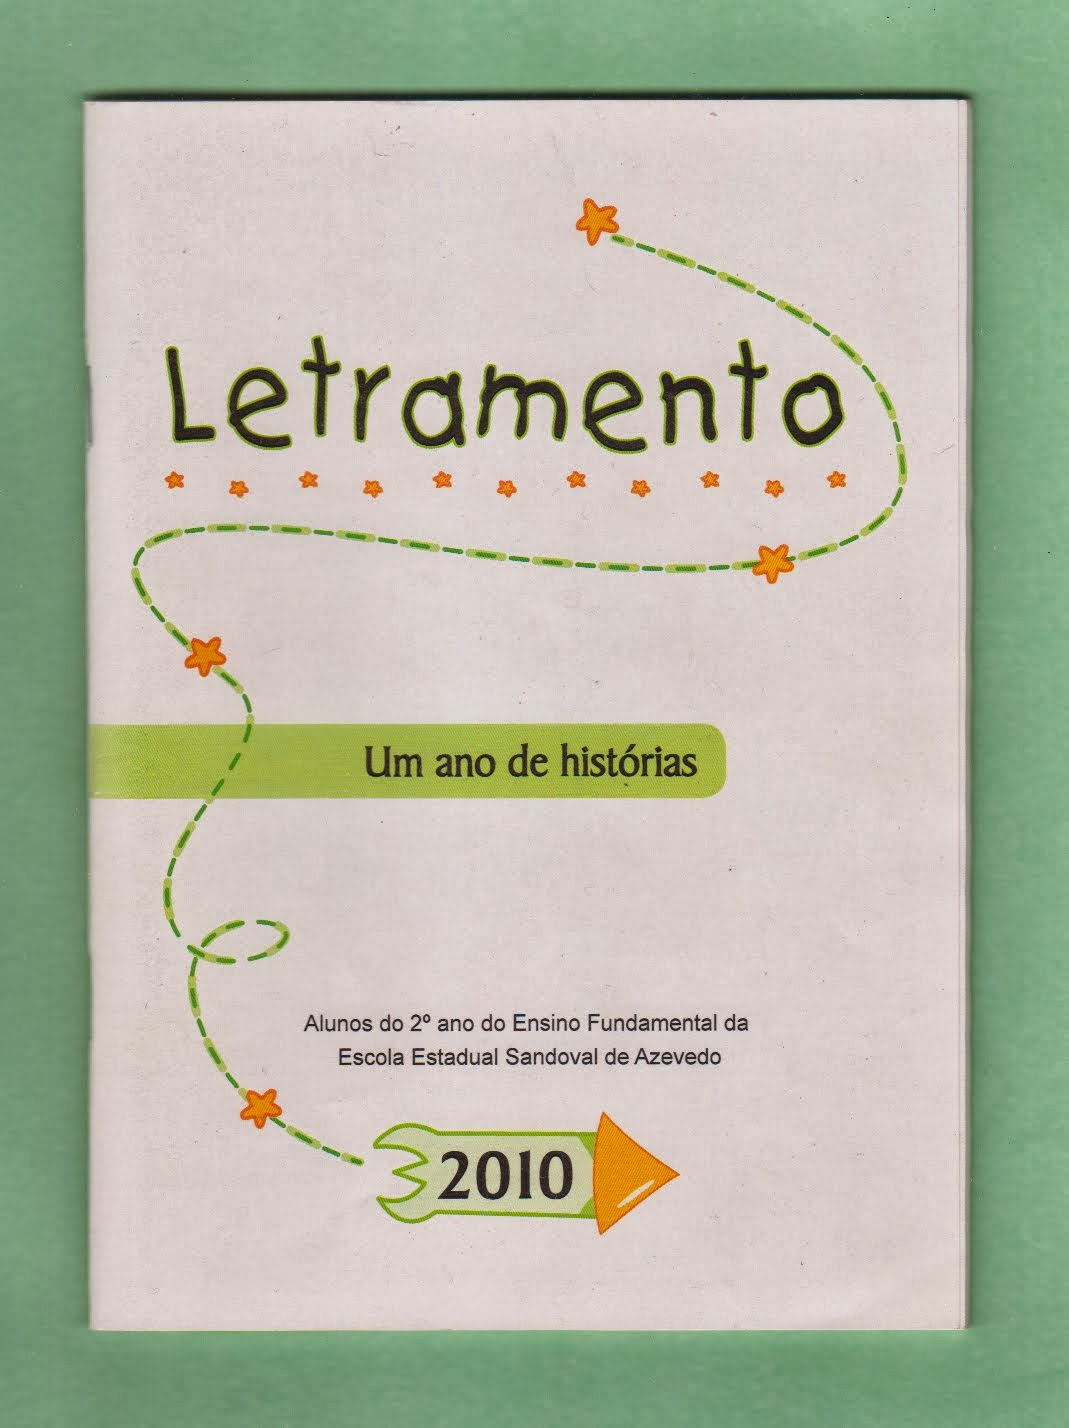 LETRAMENTO. UM ANO DE HISTÓRIAS 2010